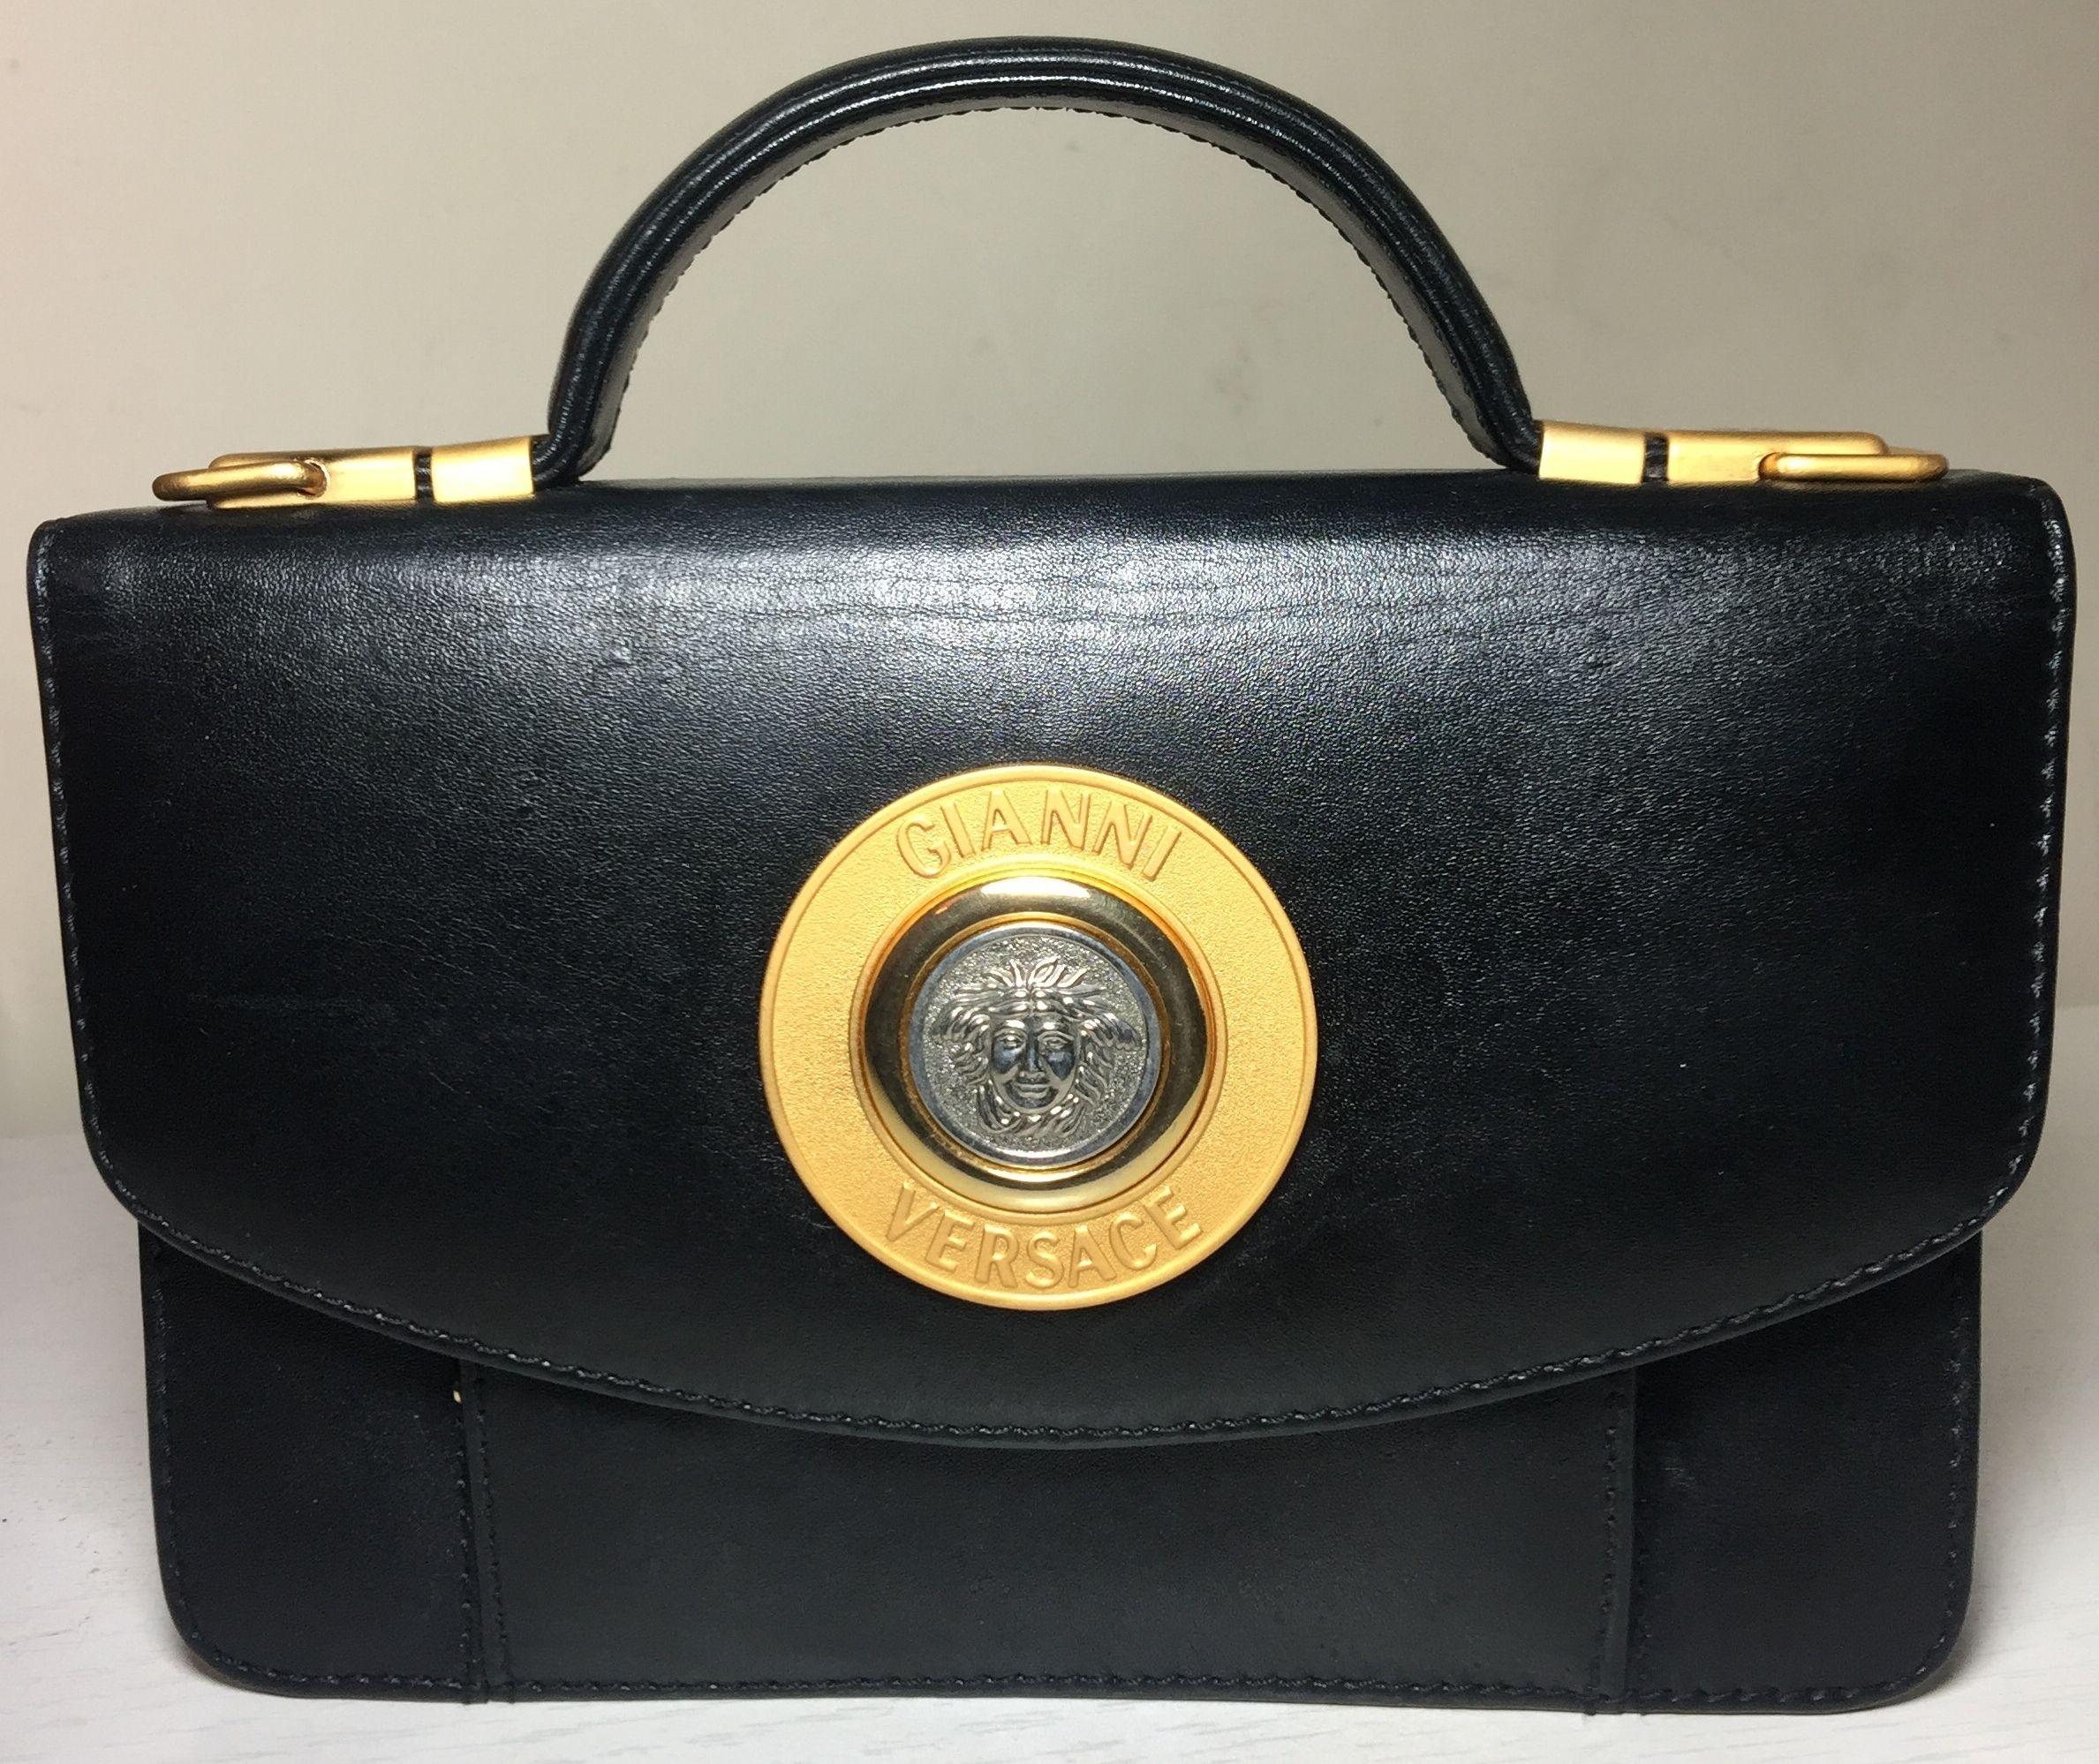 5c2ba04851 Gianni Versace 90s moc croc brown clutch/shoulder purse | Gianni Versace  80s & 90s